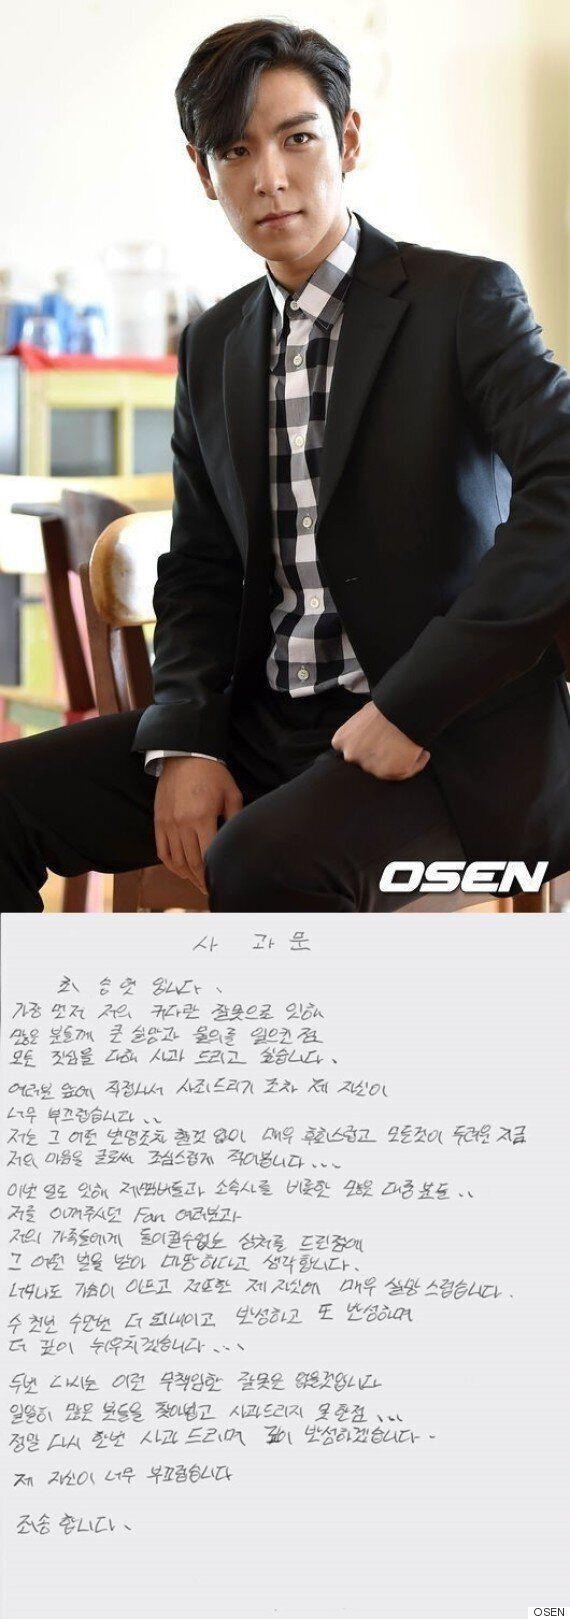 [공식입장] 빅뱅 탑, 자필 사과문 게재